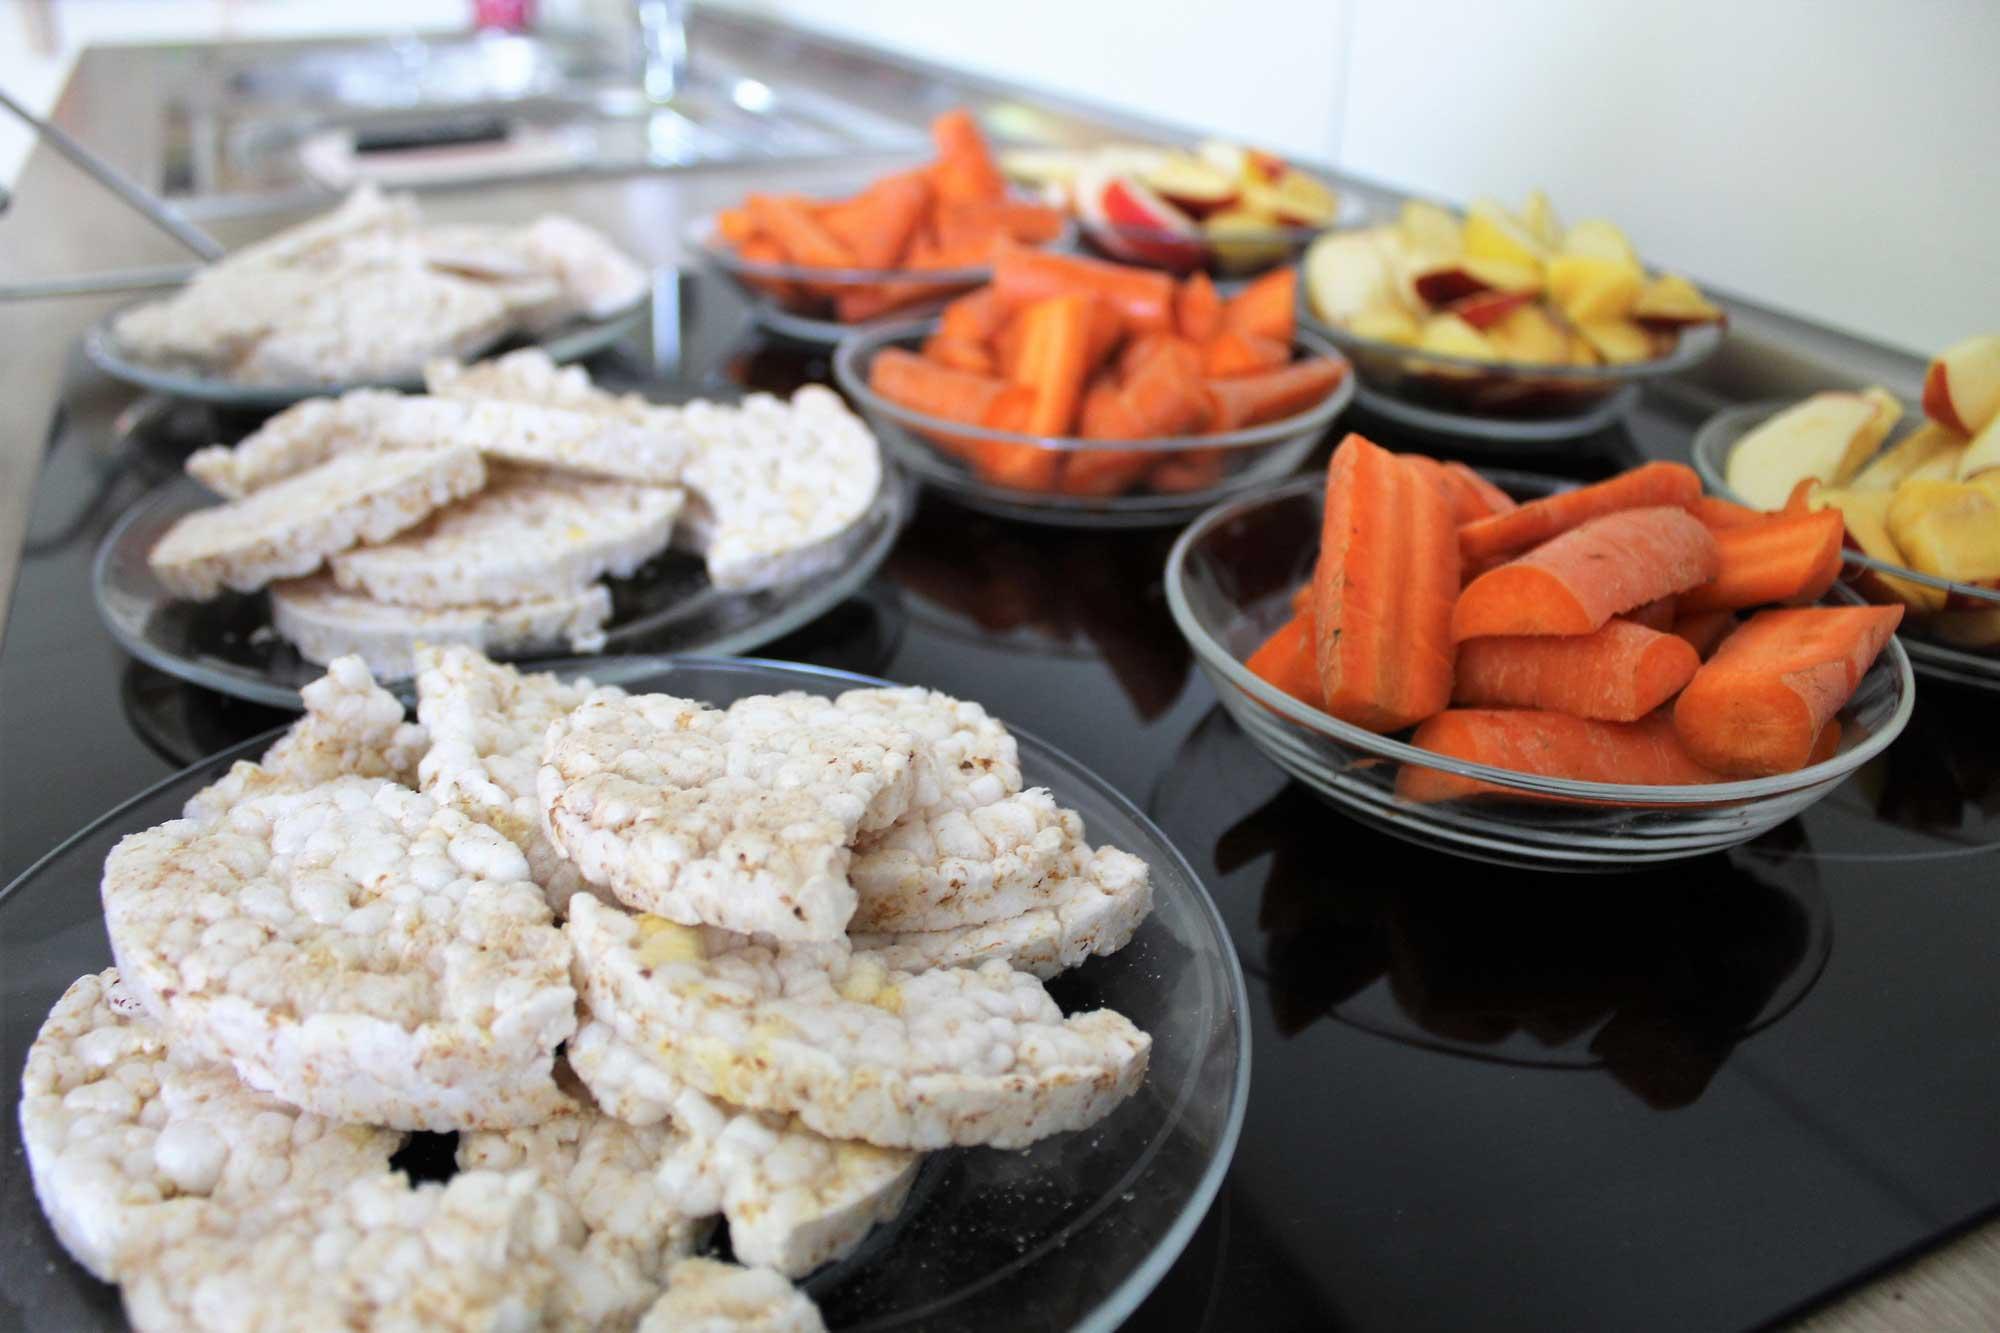 Snacks in Schälchen aus Möhren, Äpfeln und Reis